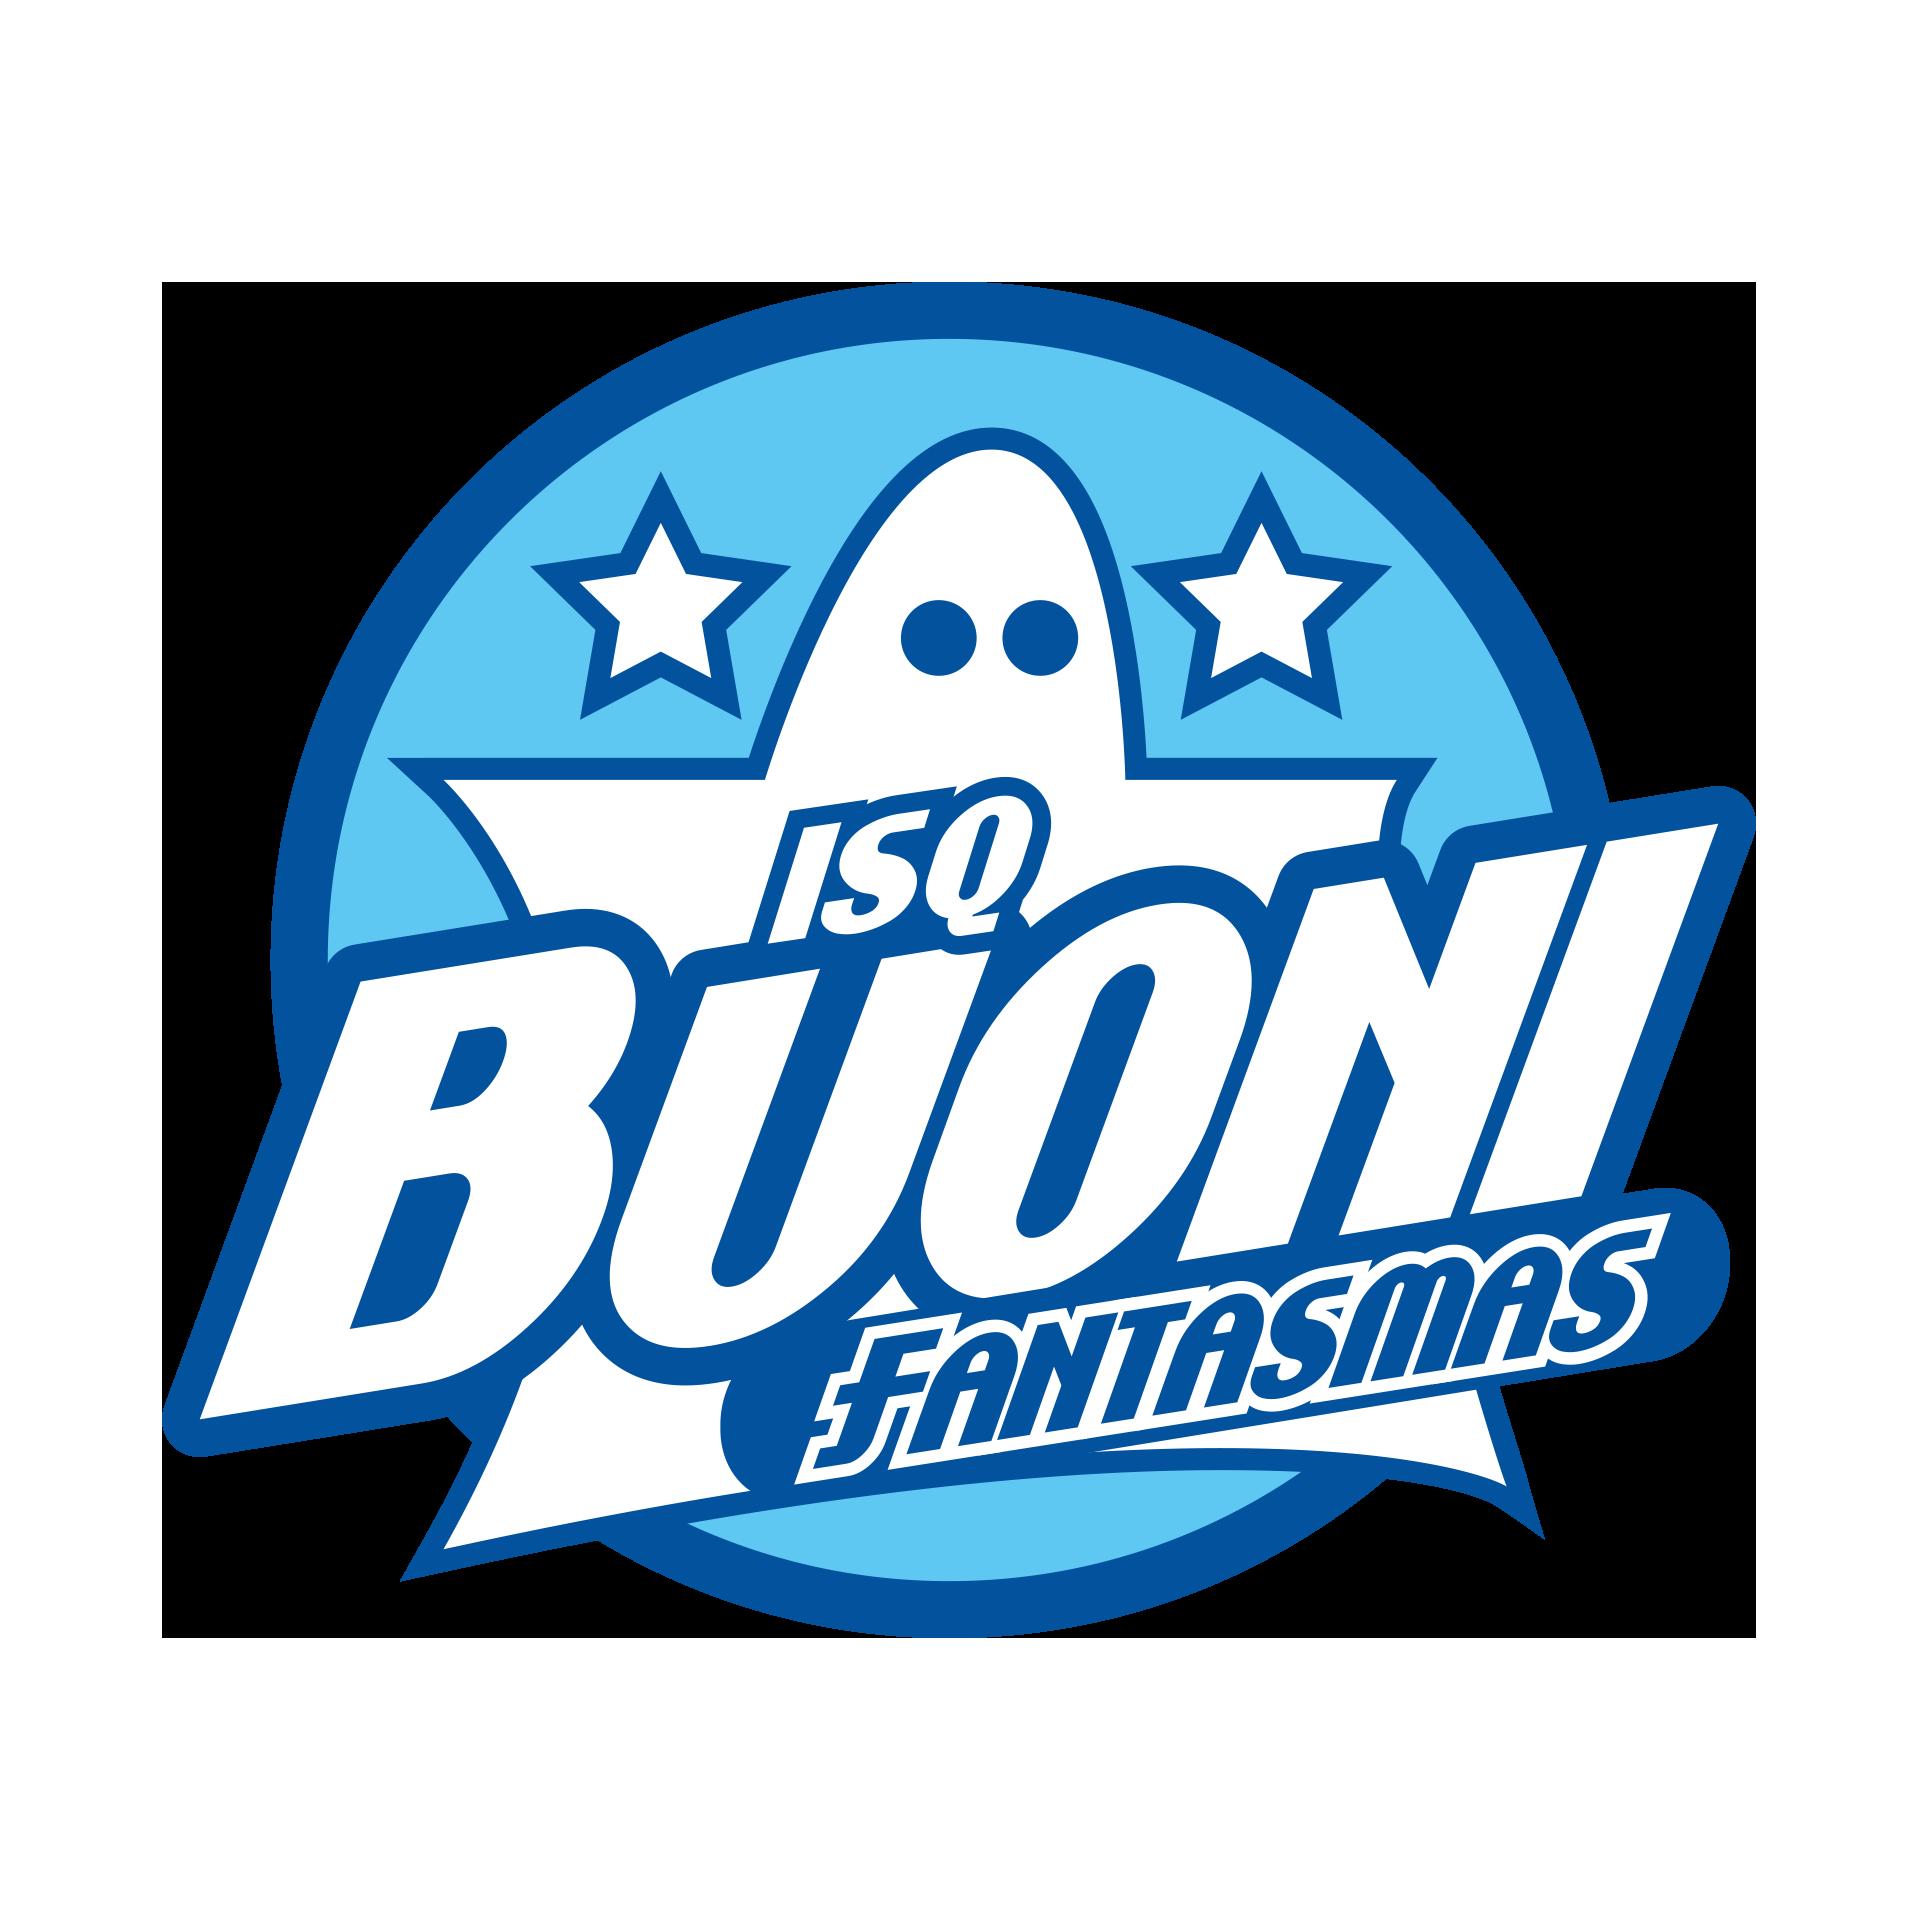 Najlepszy zawodnik quizu to za mało – podsumowanie sezonu Buoni Fantasmas